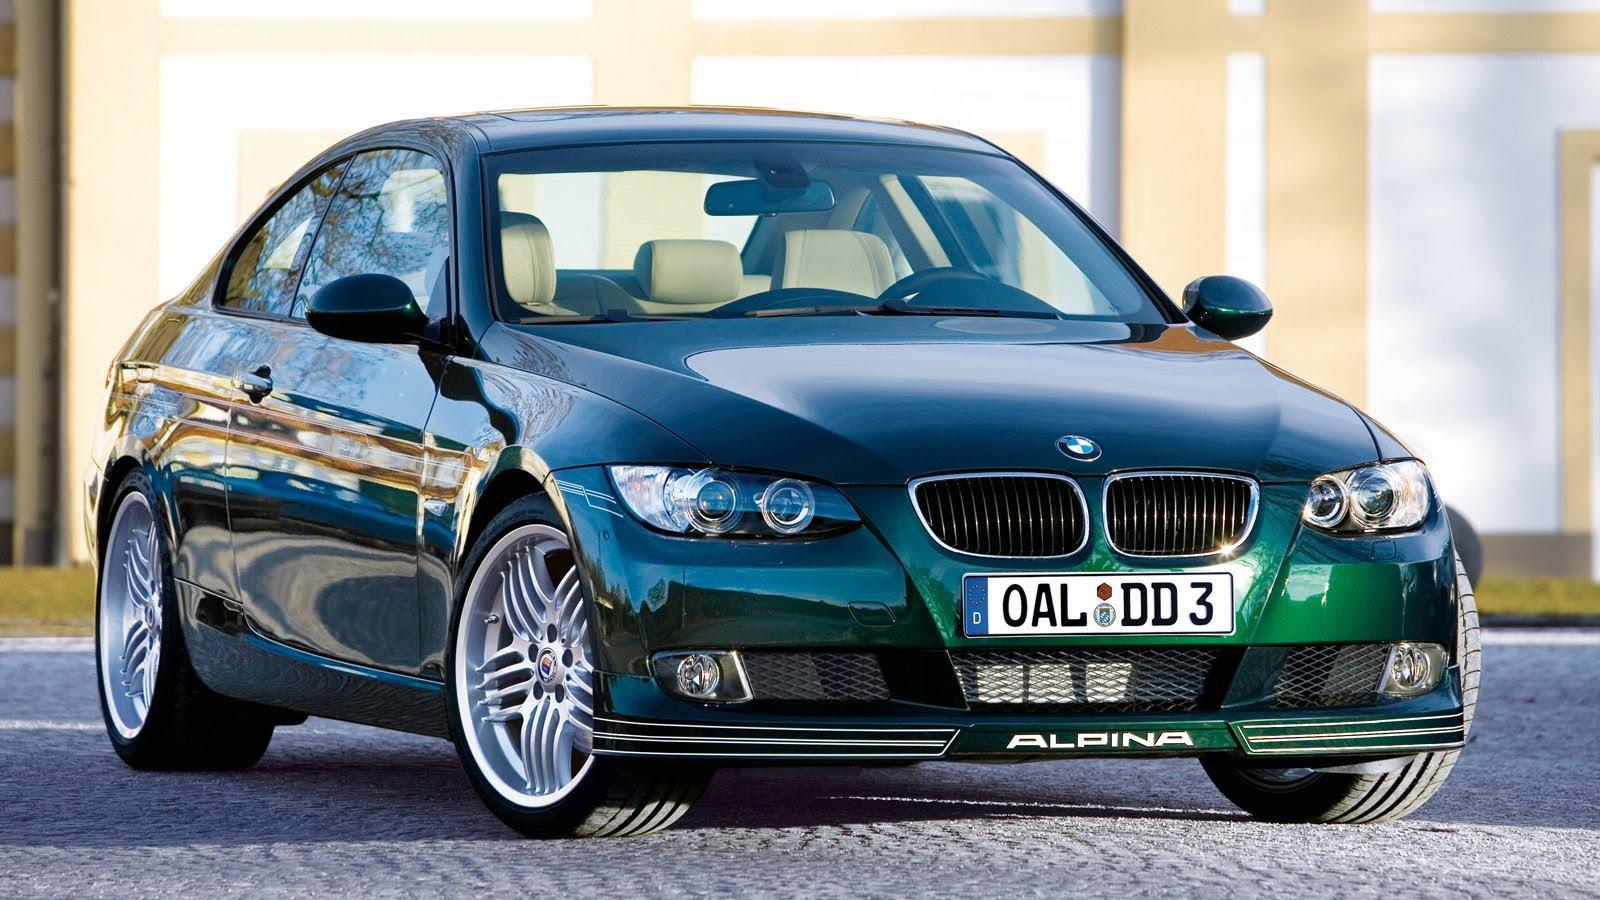 Alpina D3 E90/E92 2005 - 2008 Coupe #7